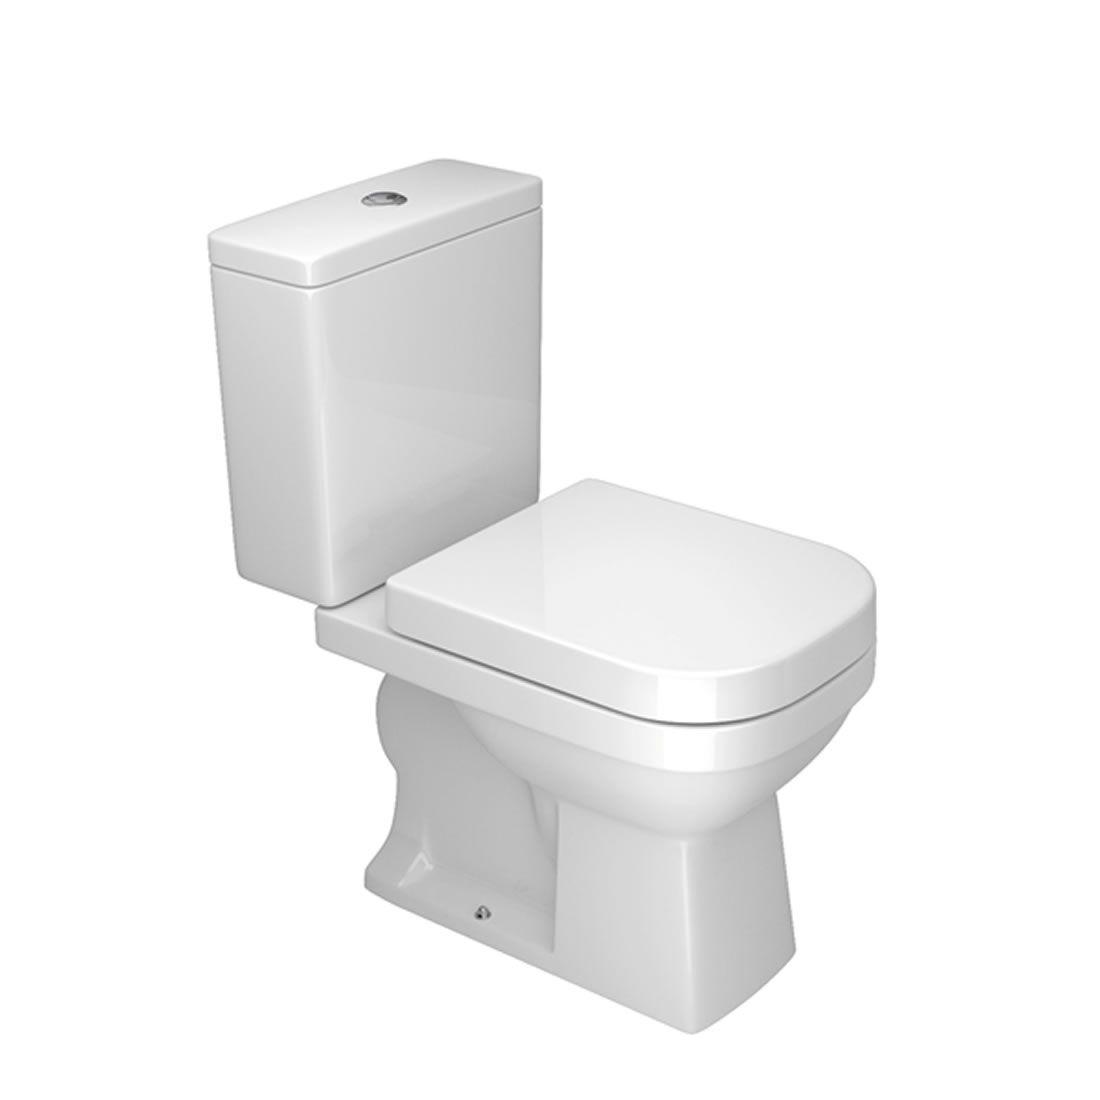 Kit Vaso Sanitário com Caixa Acoplada 3/6L Ecoflush Quadra Branco Deca